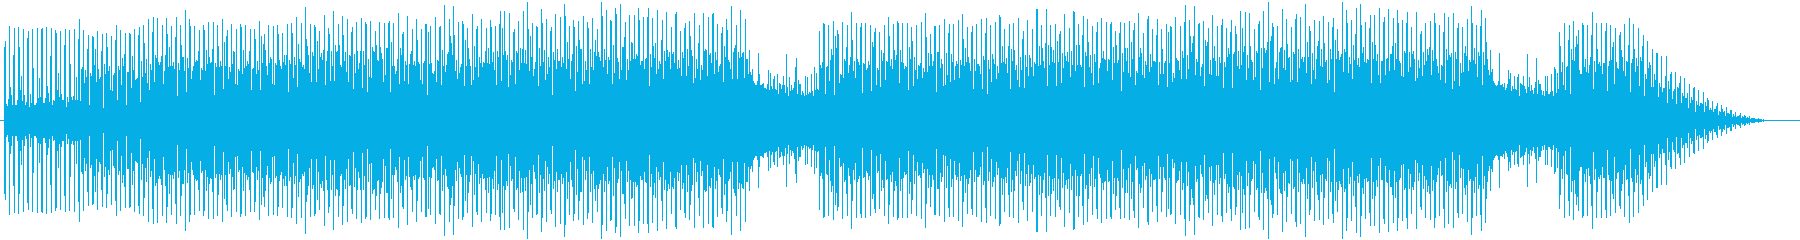 パズル・メニュー(システム系)【テクノ】の再生済みの波形